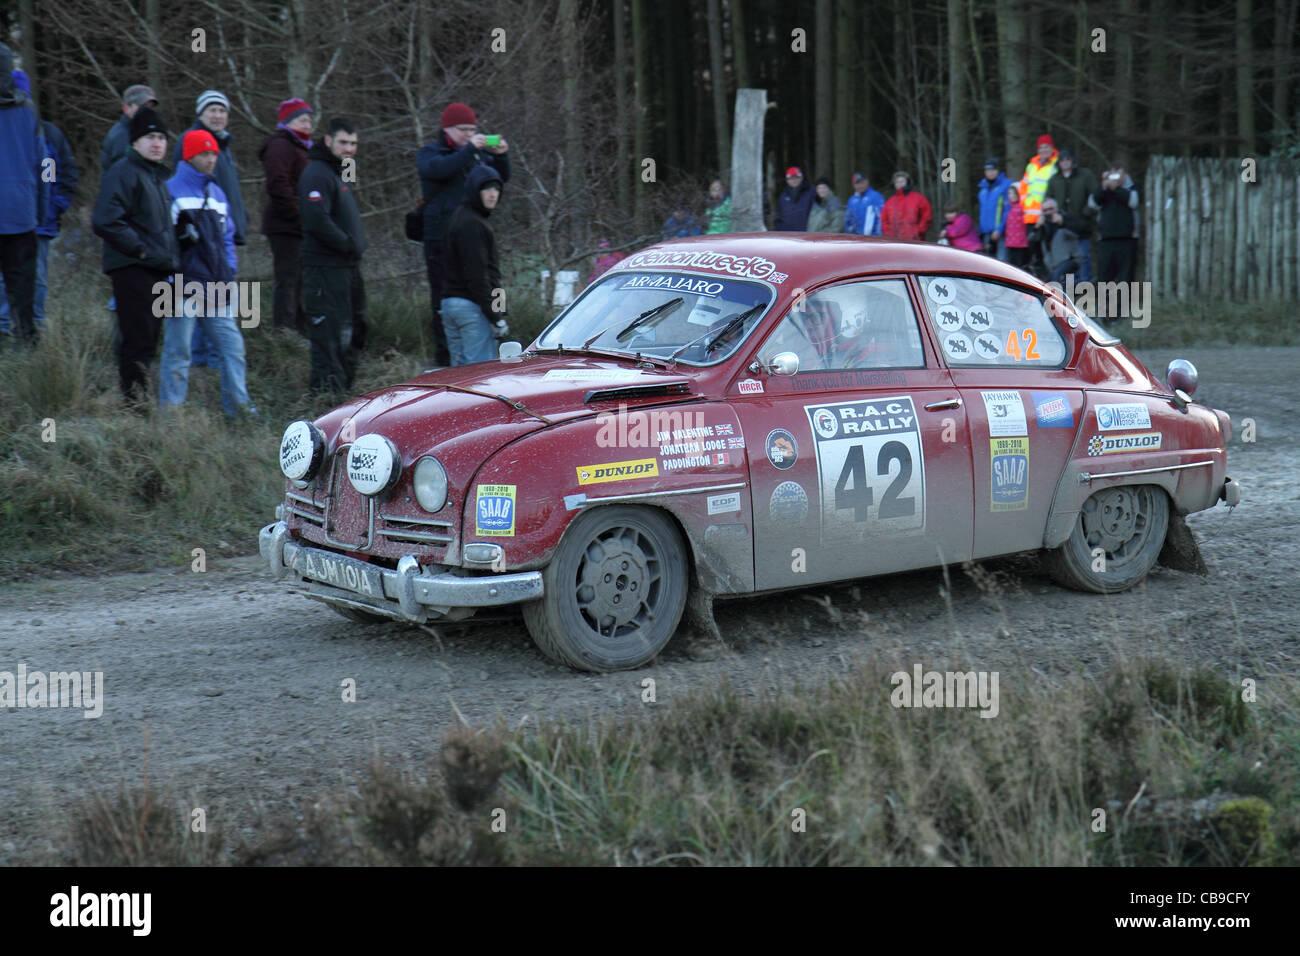 Les voitures de sport automobile rallye Photo Stock